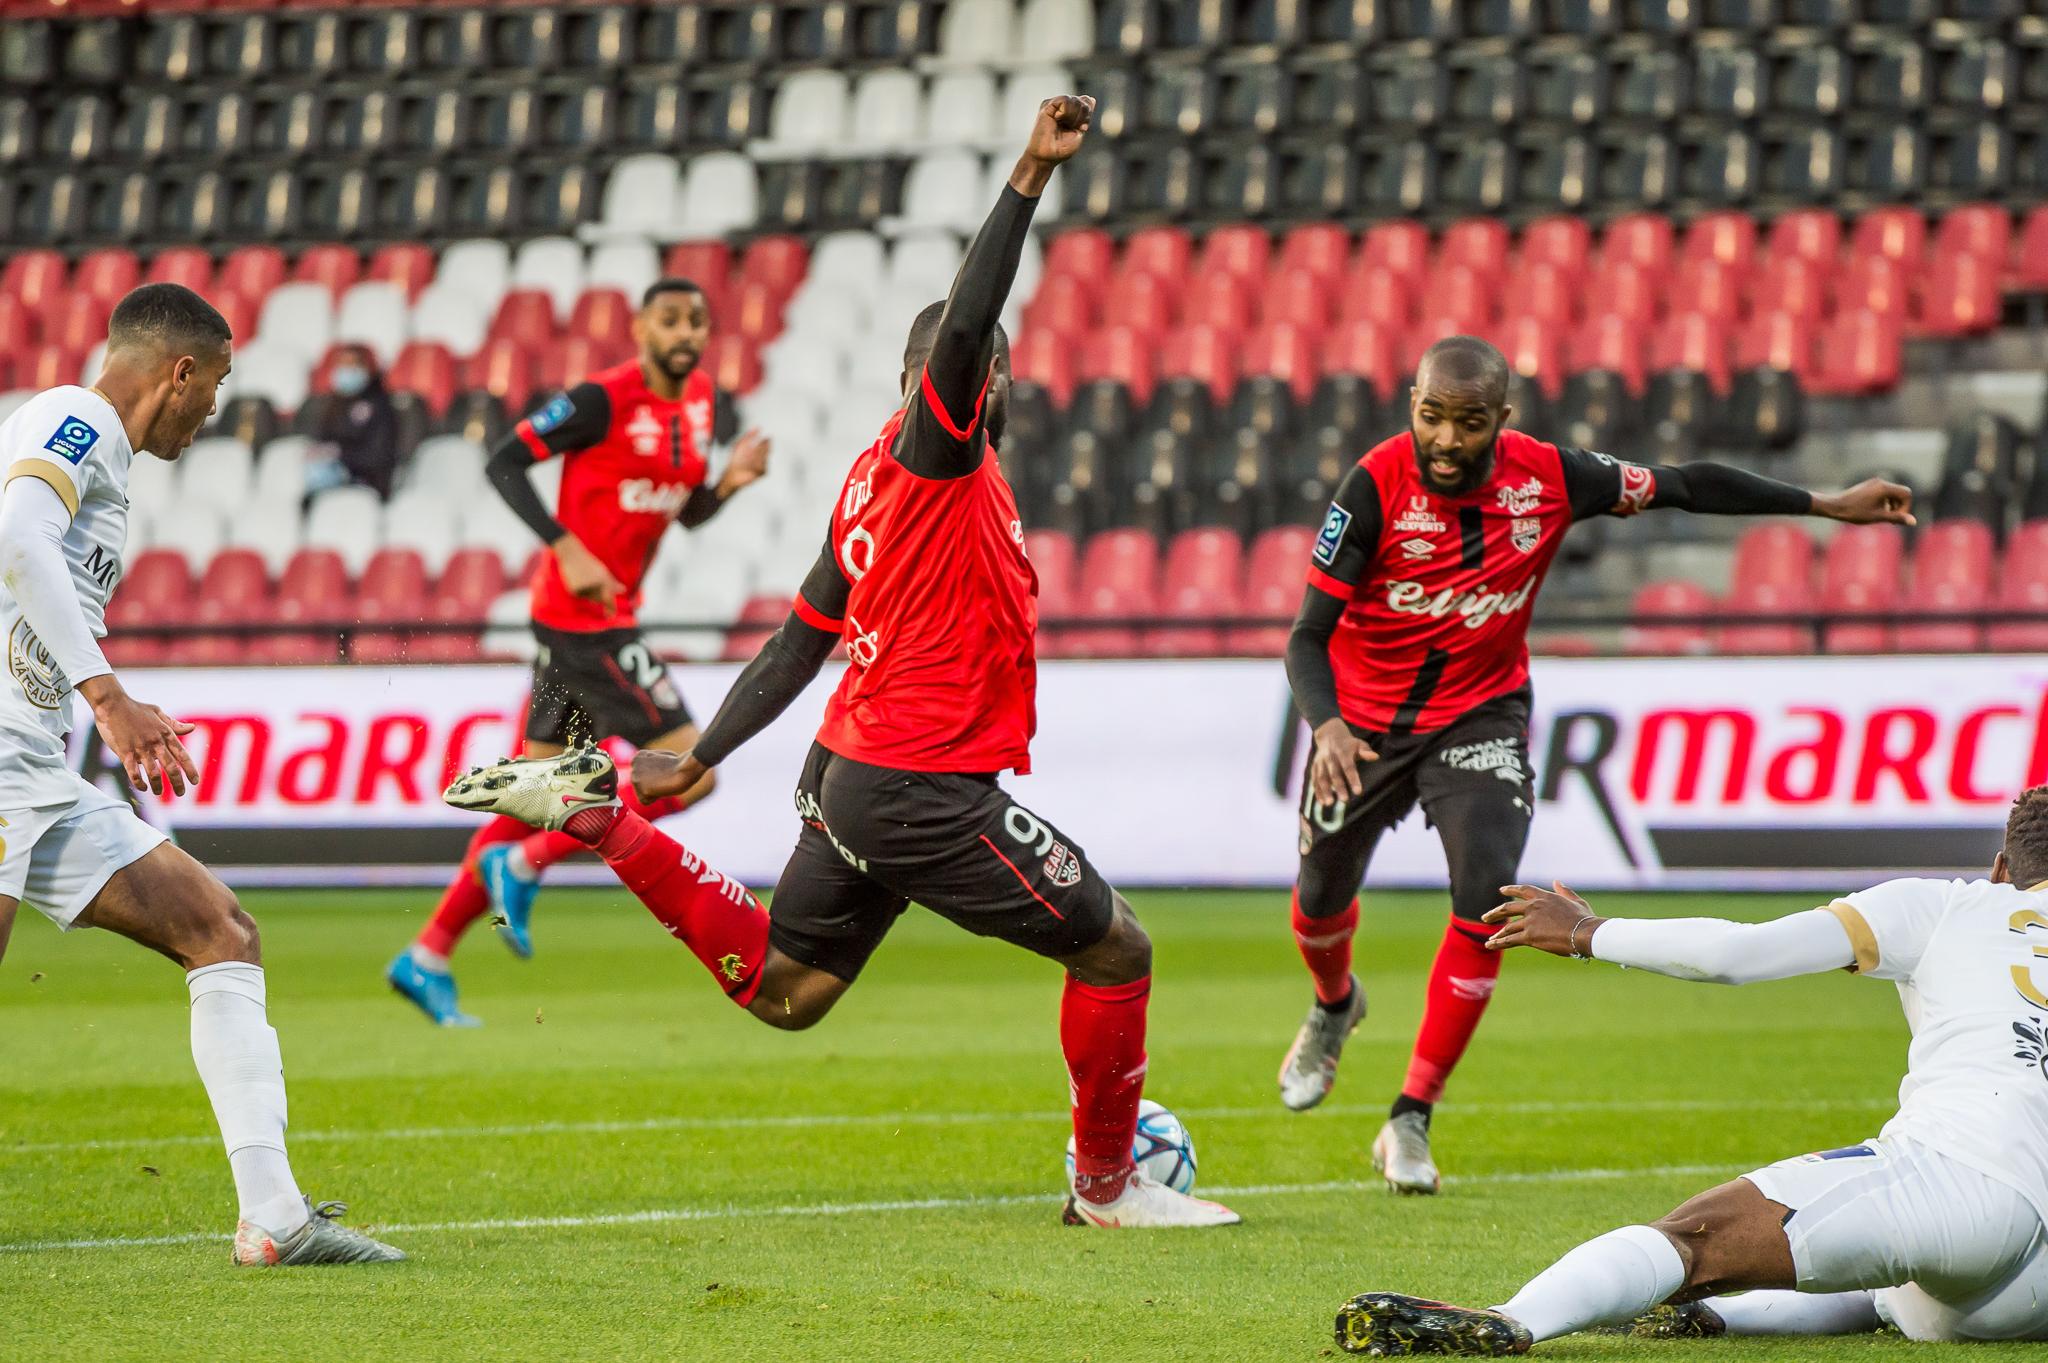 EA Guingamp La Berrichonne Châteauroux J37 Ligue 2 BKT EAGLBC 2-0 Stade de Roudourou FRA_5584